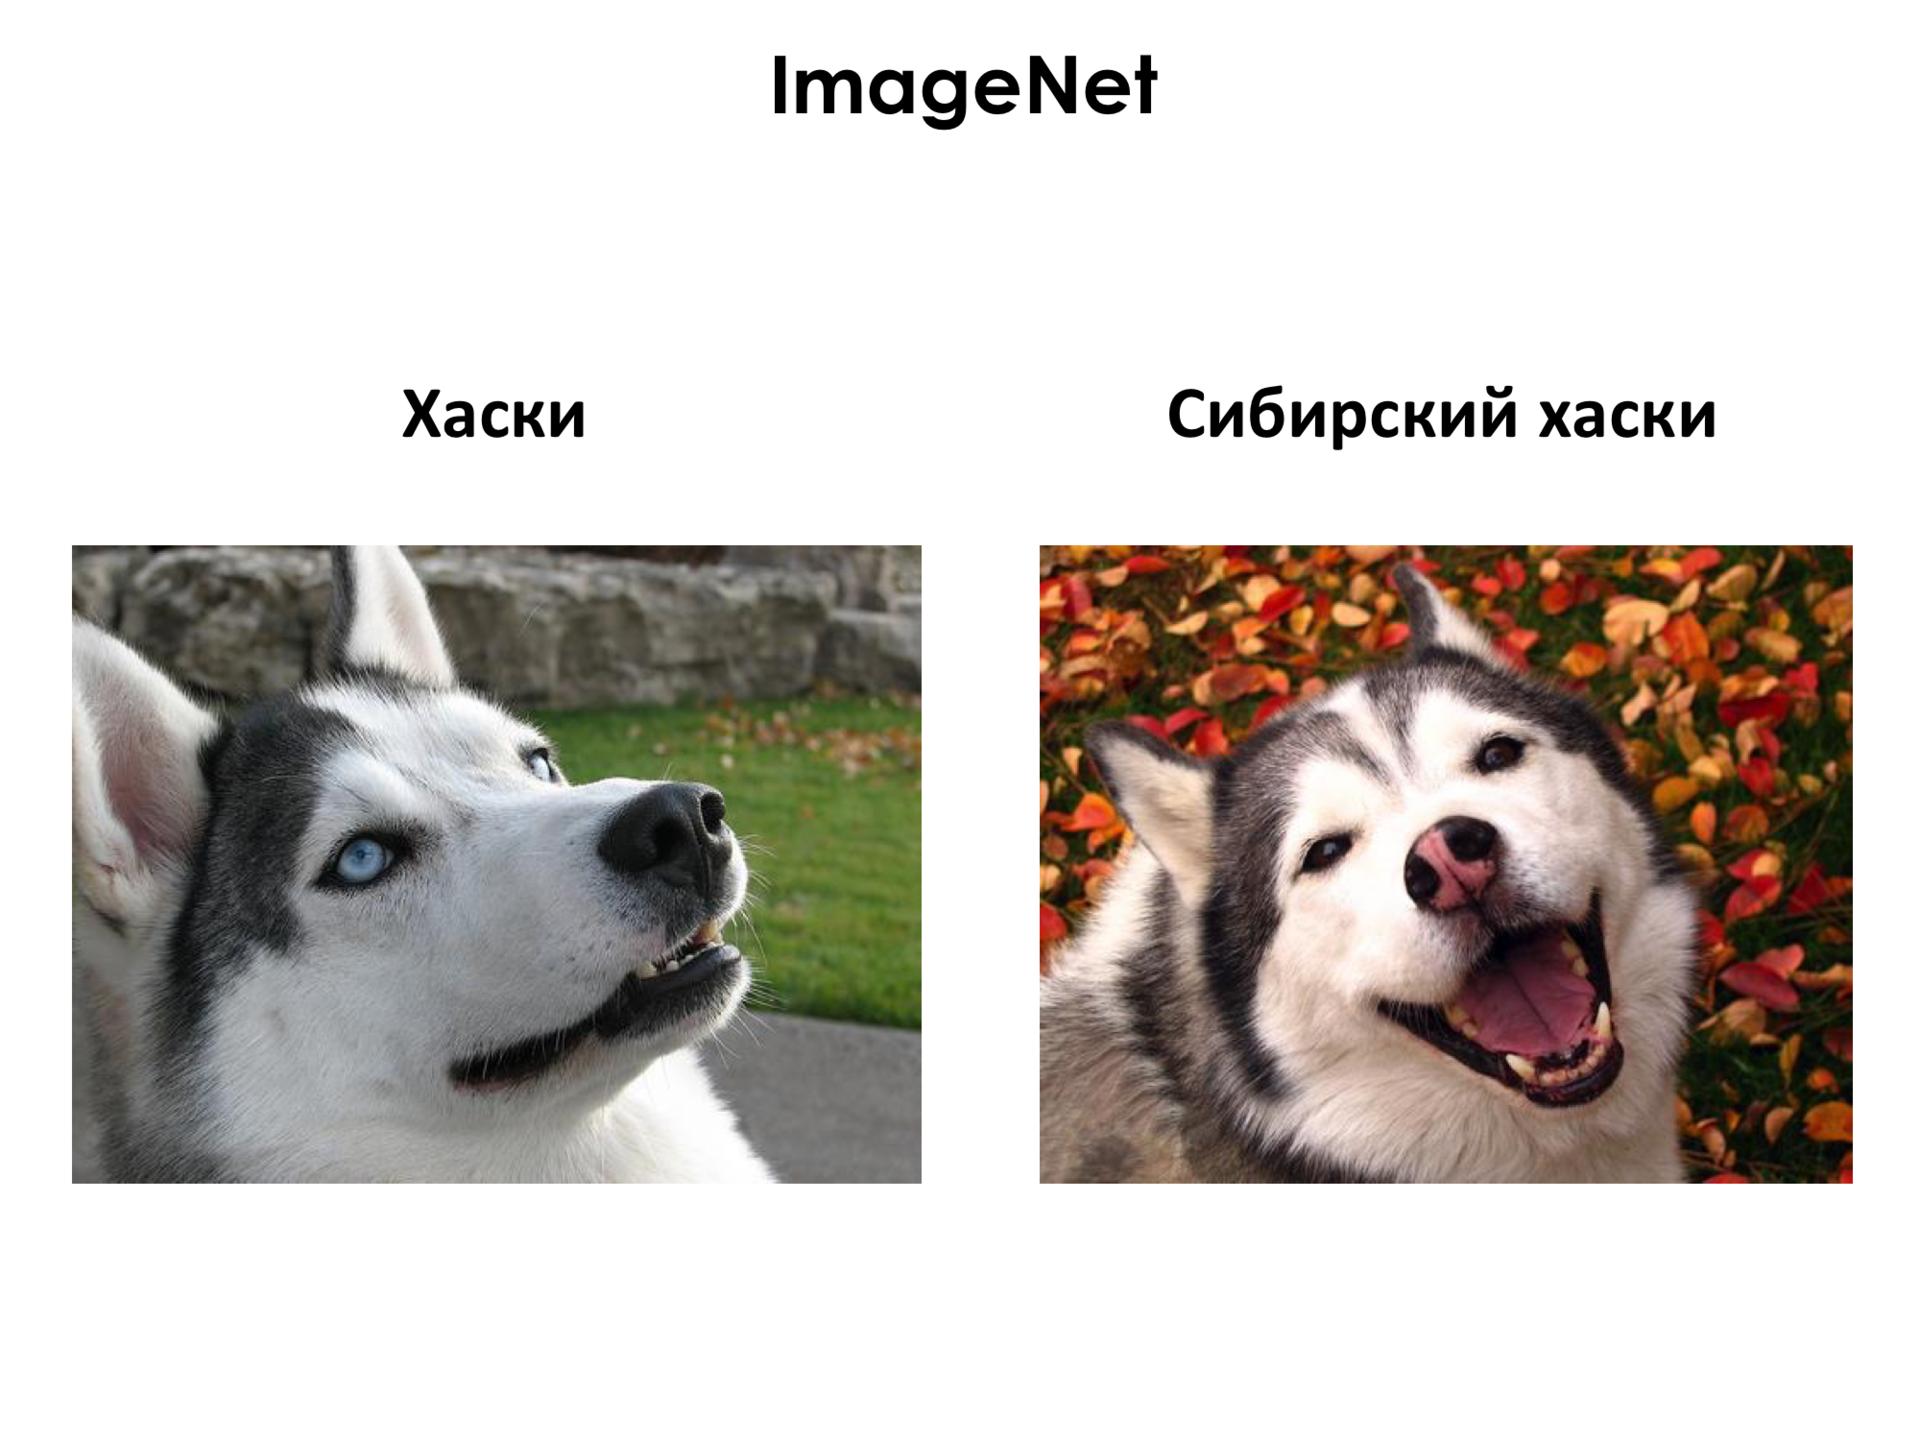 Самое главное о нейронных сетях. Лекция в Яндексе - 23